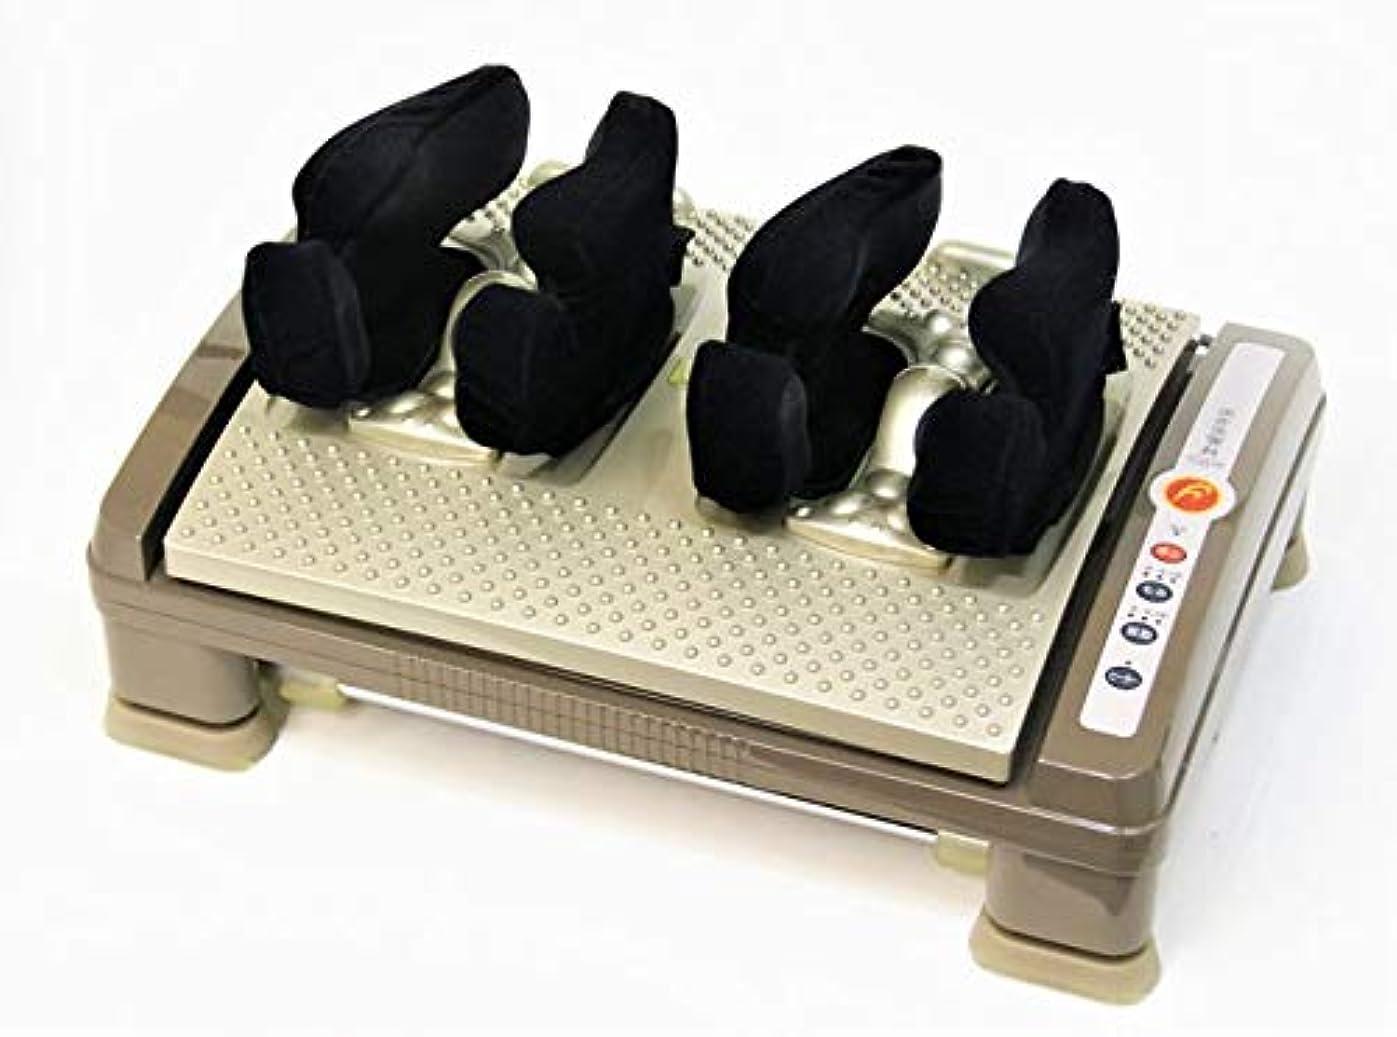 請求書省略するけがをするフランス総合医療株式会社 MF-5100 フットマッサージャー 『歩きま専科』 電気マッサージ器